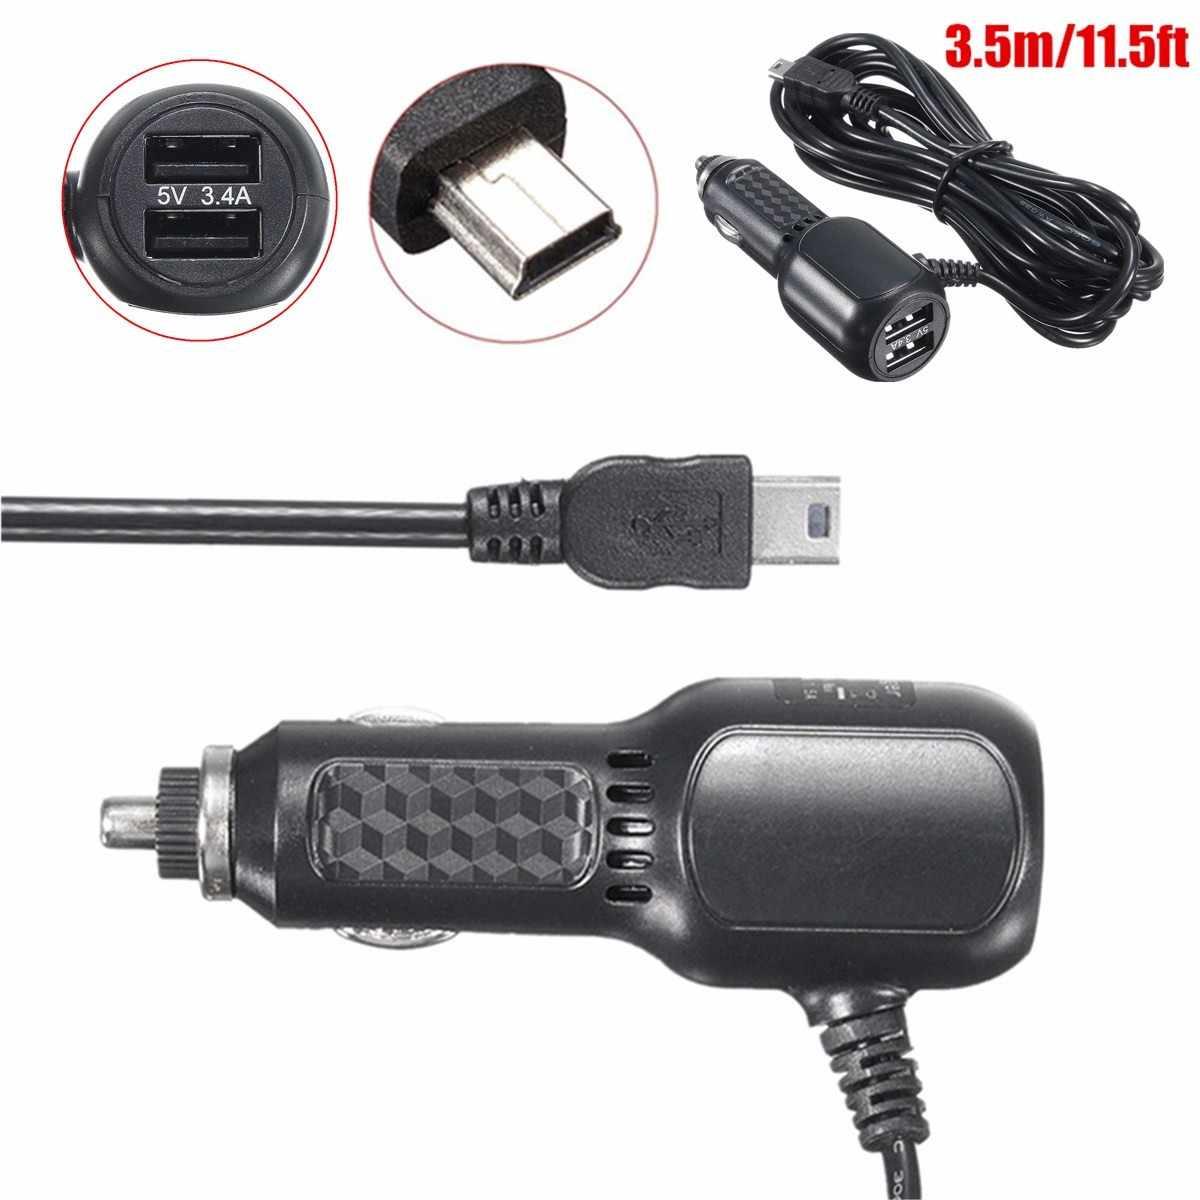 Новое поступление 5 В в 3.4A универсальный автомобиль DC мощность переходник для зарядного устройства Шнур Mini USB кабель для DVR gps навигации Nuvi 2A с кабелем